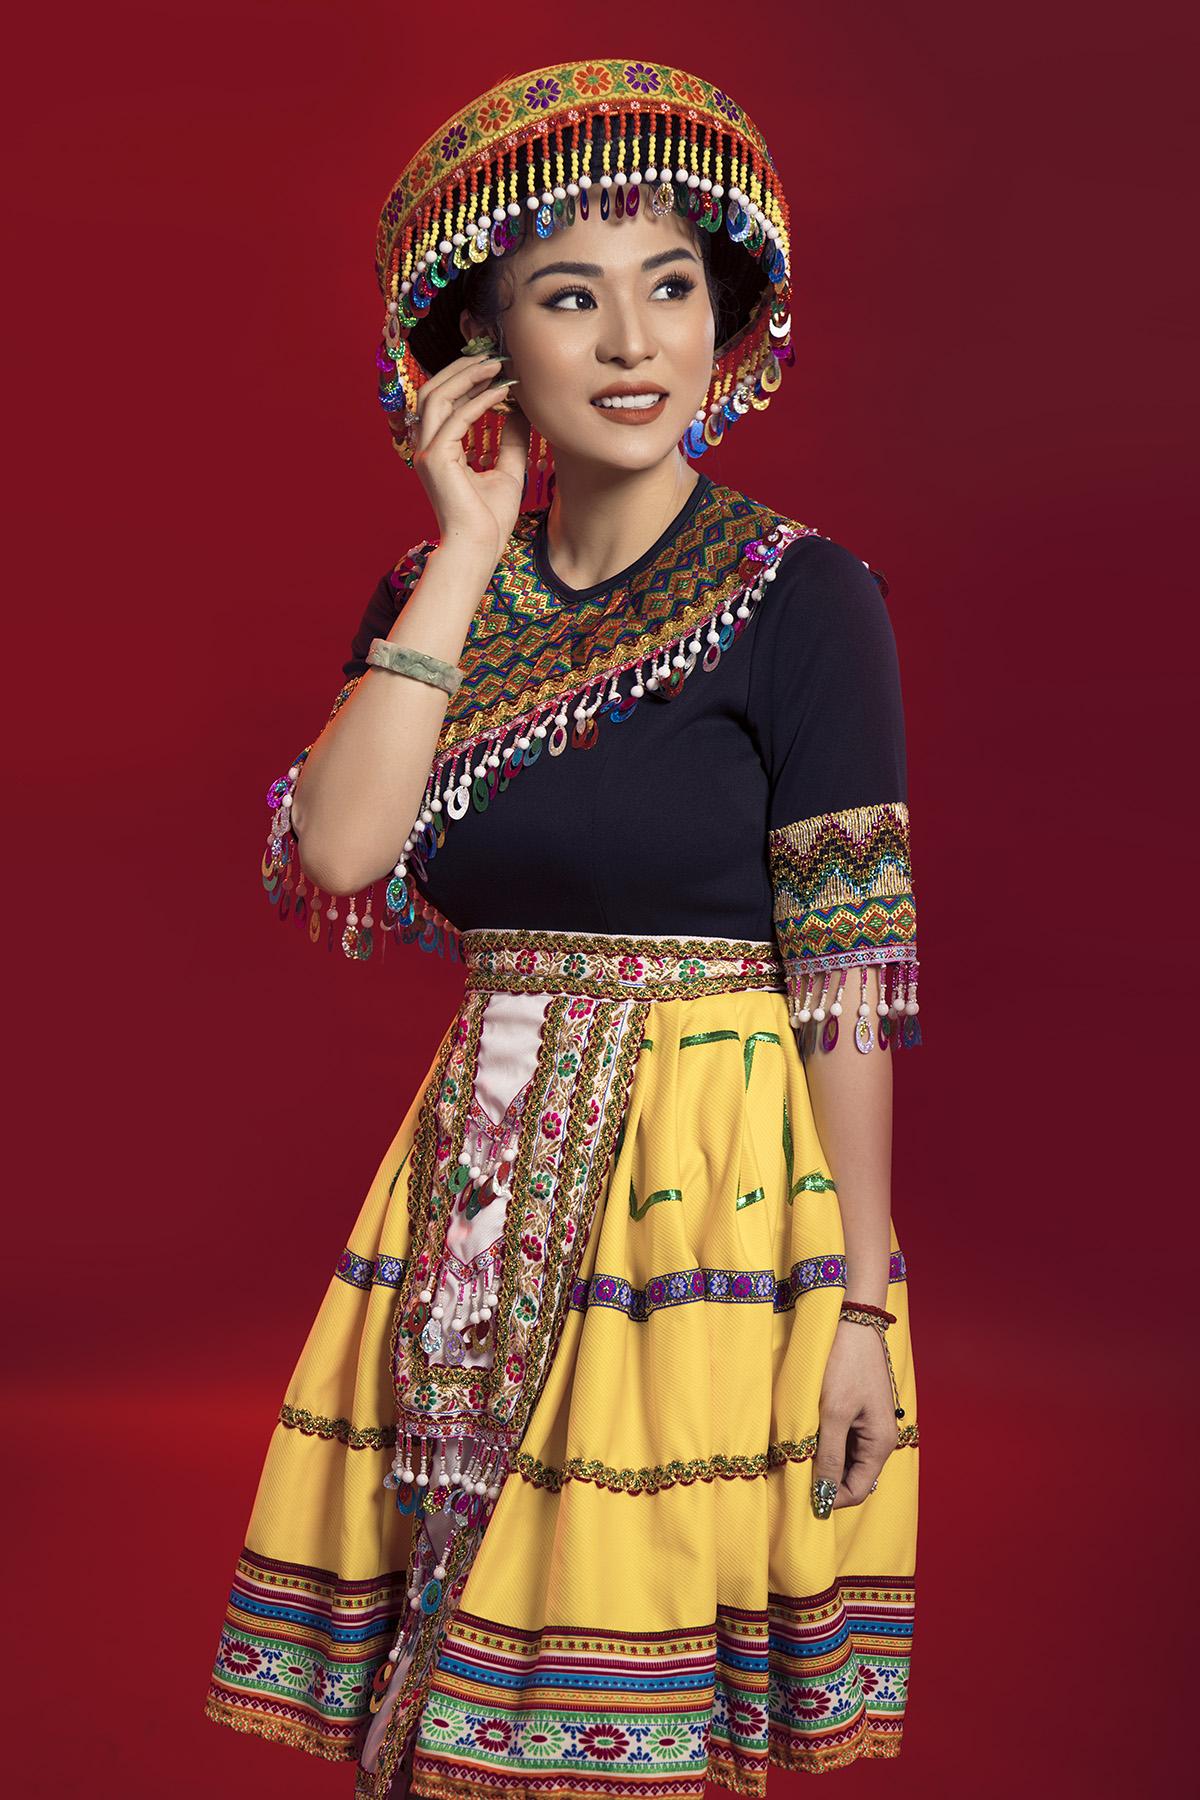 Trong trang phục cô gái H'Mông, Ánh Linh gây ấn tượng bởi vẻ đẹp nền nã, dịu dàng nhưng cũng tràn đầy năng lượng.